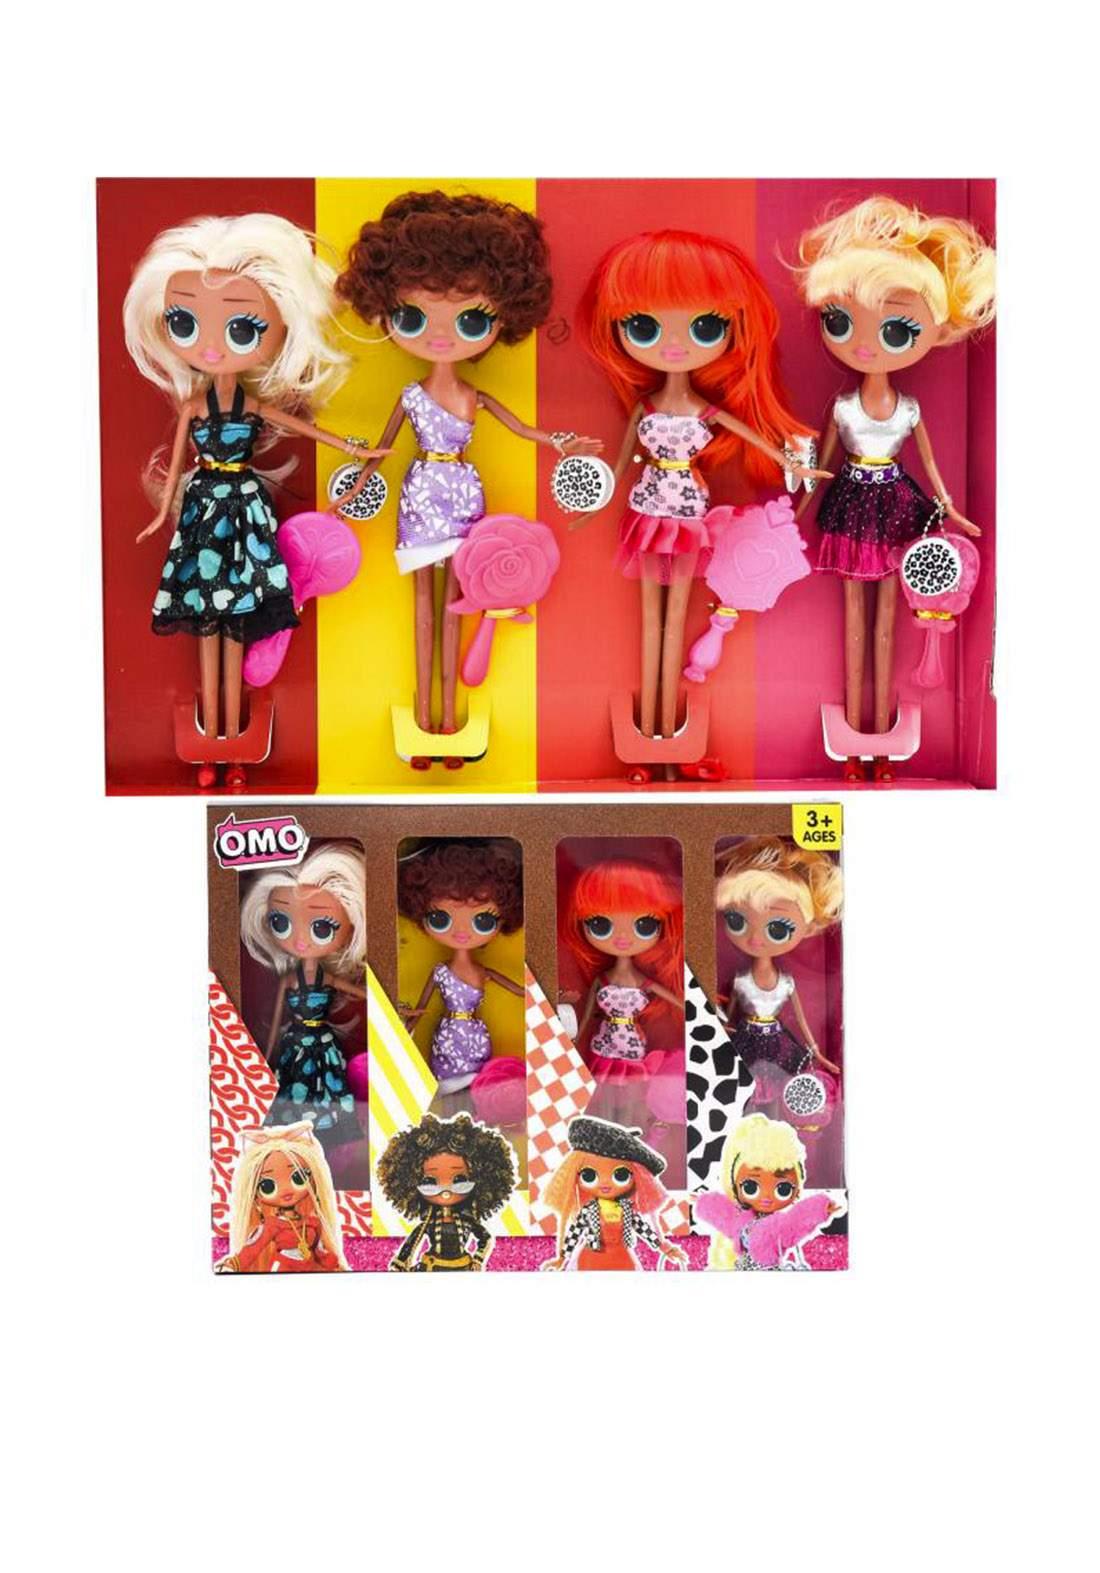 Omo LK 1009-3 Toys Set 4 Pcs سيت دمى الازياء للاطفال